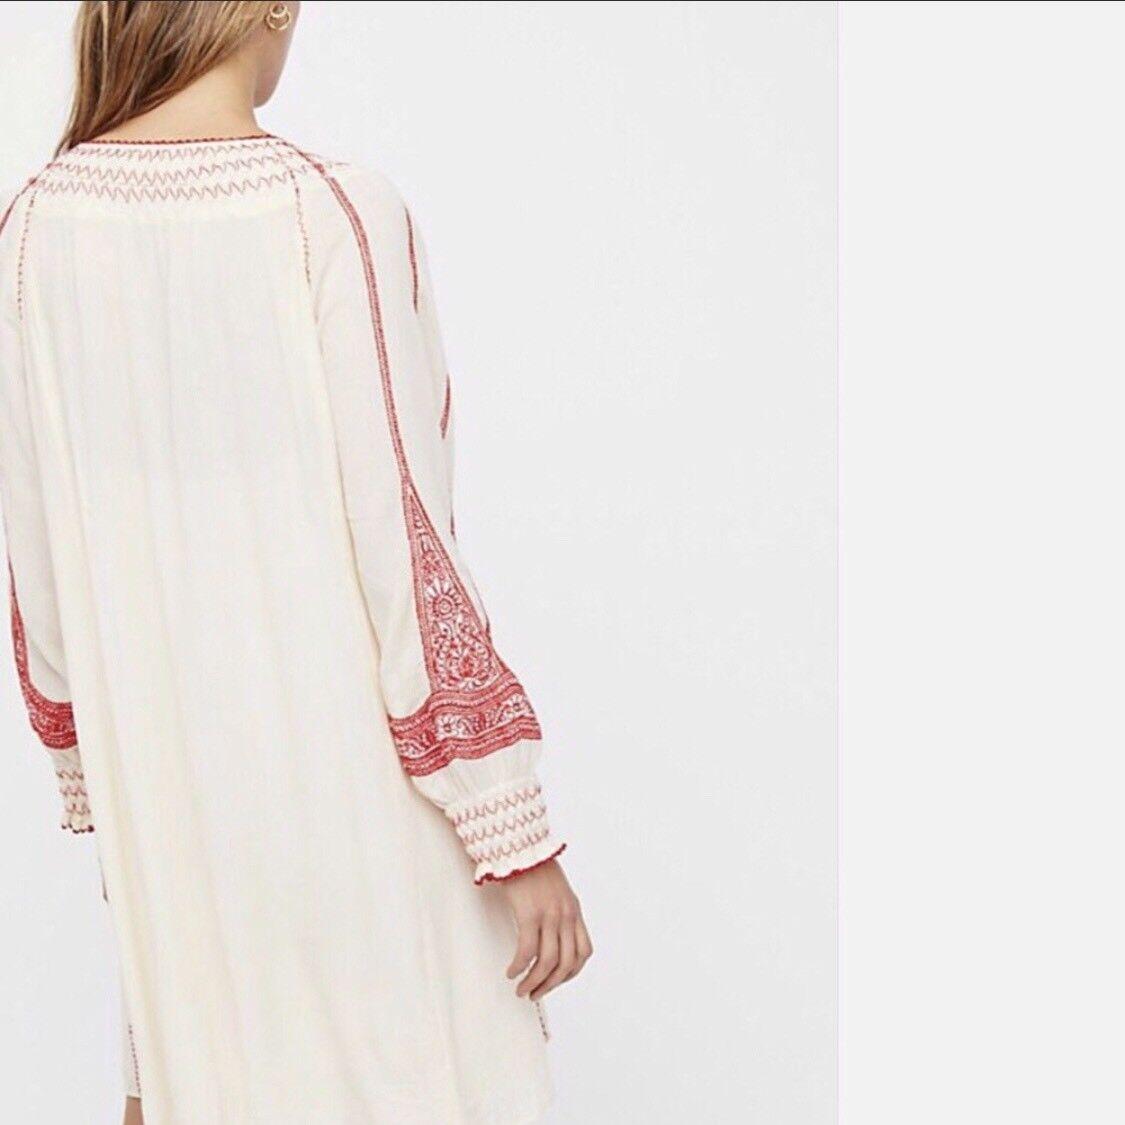 NWT Free People Wind Willow Mini dress Retail $148